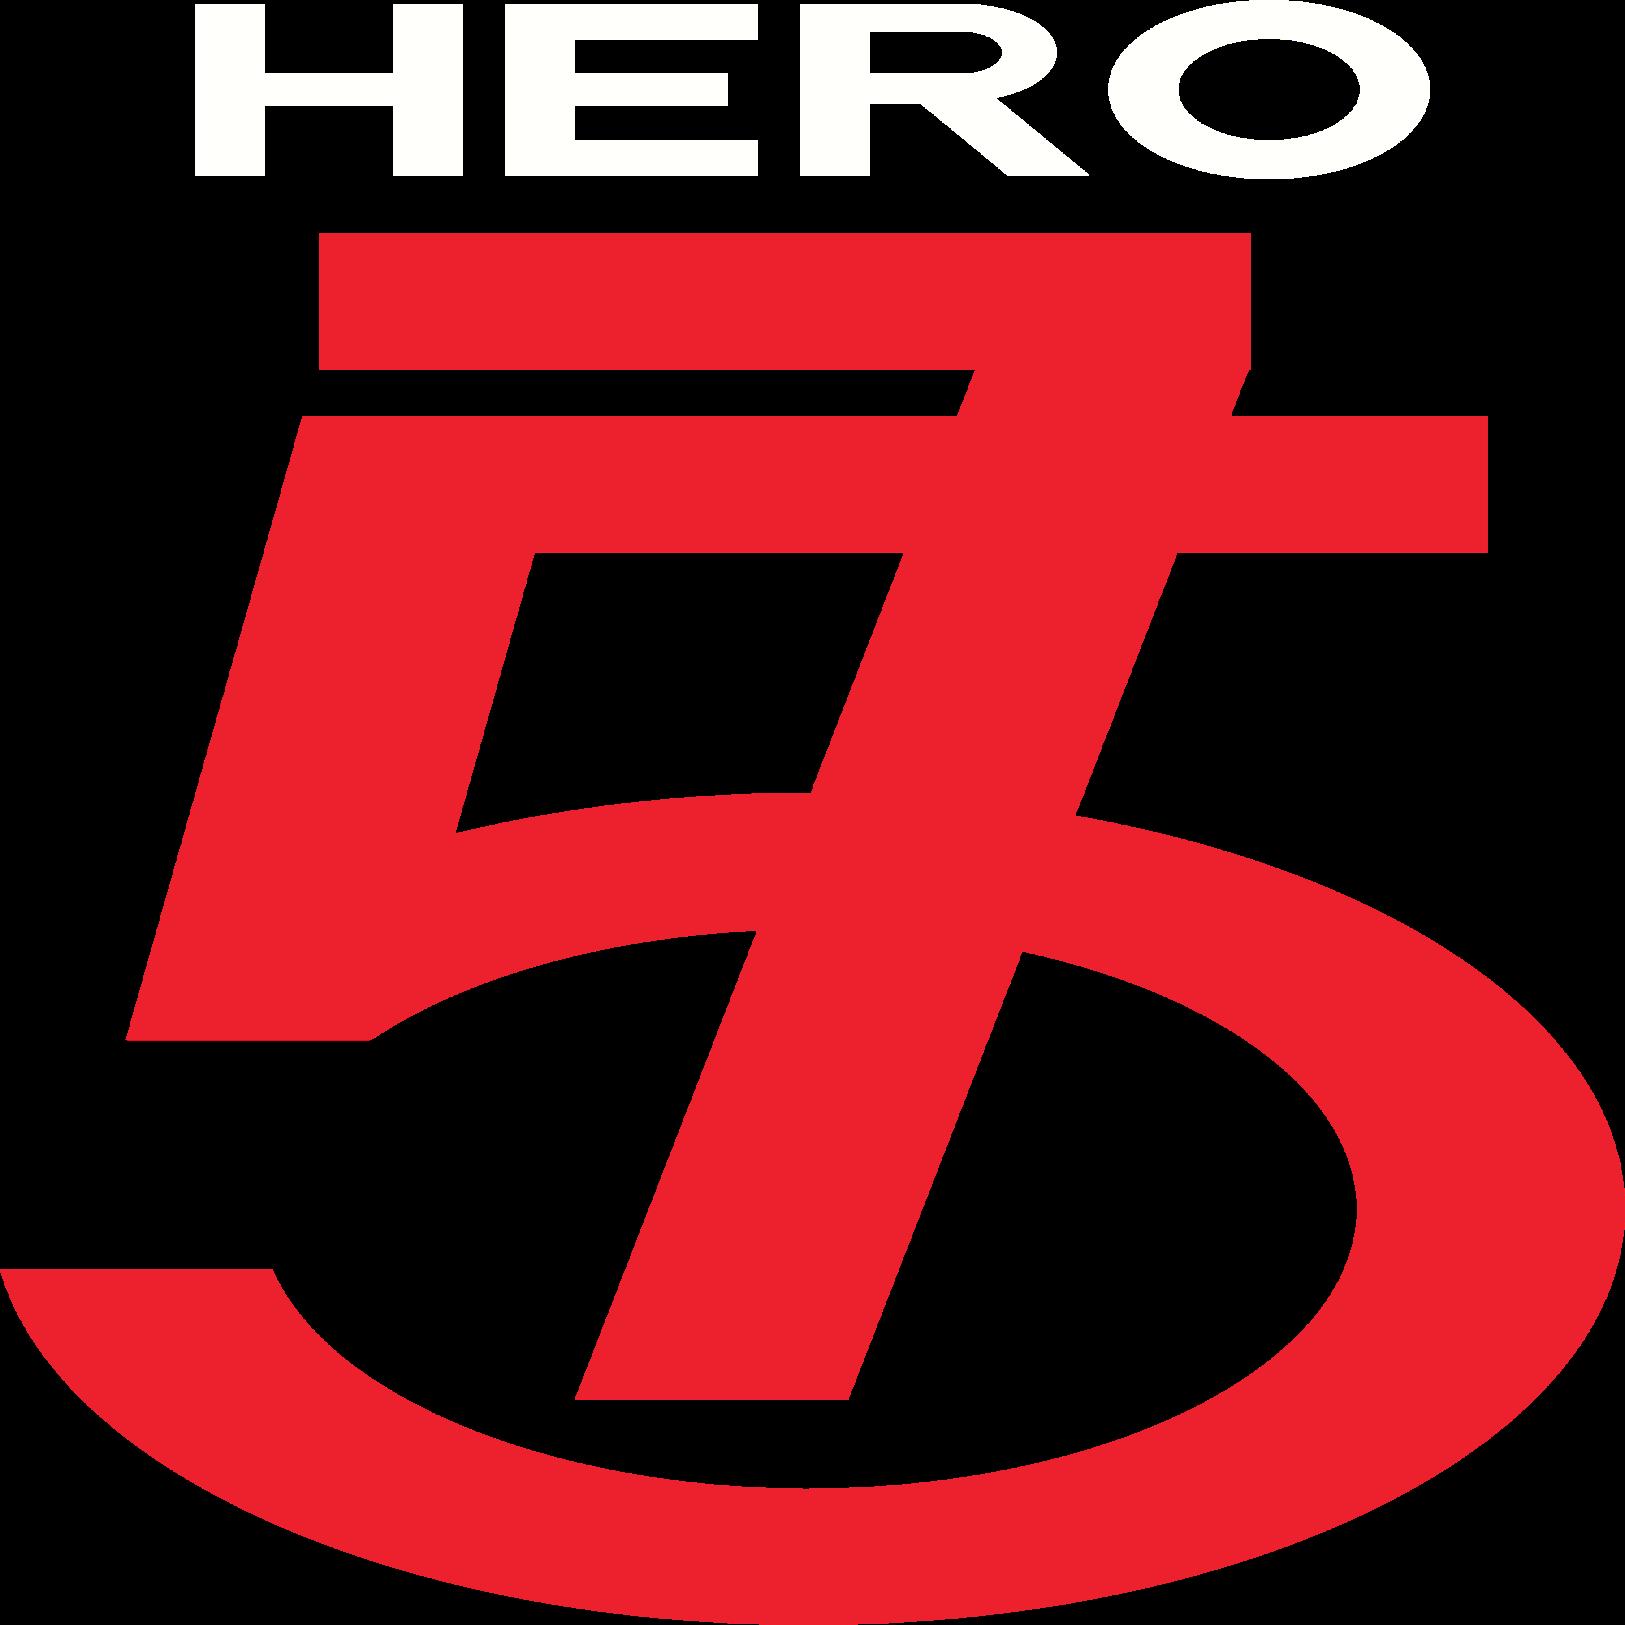 HERO57